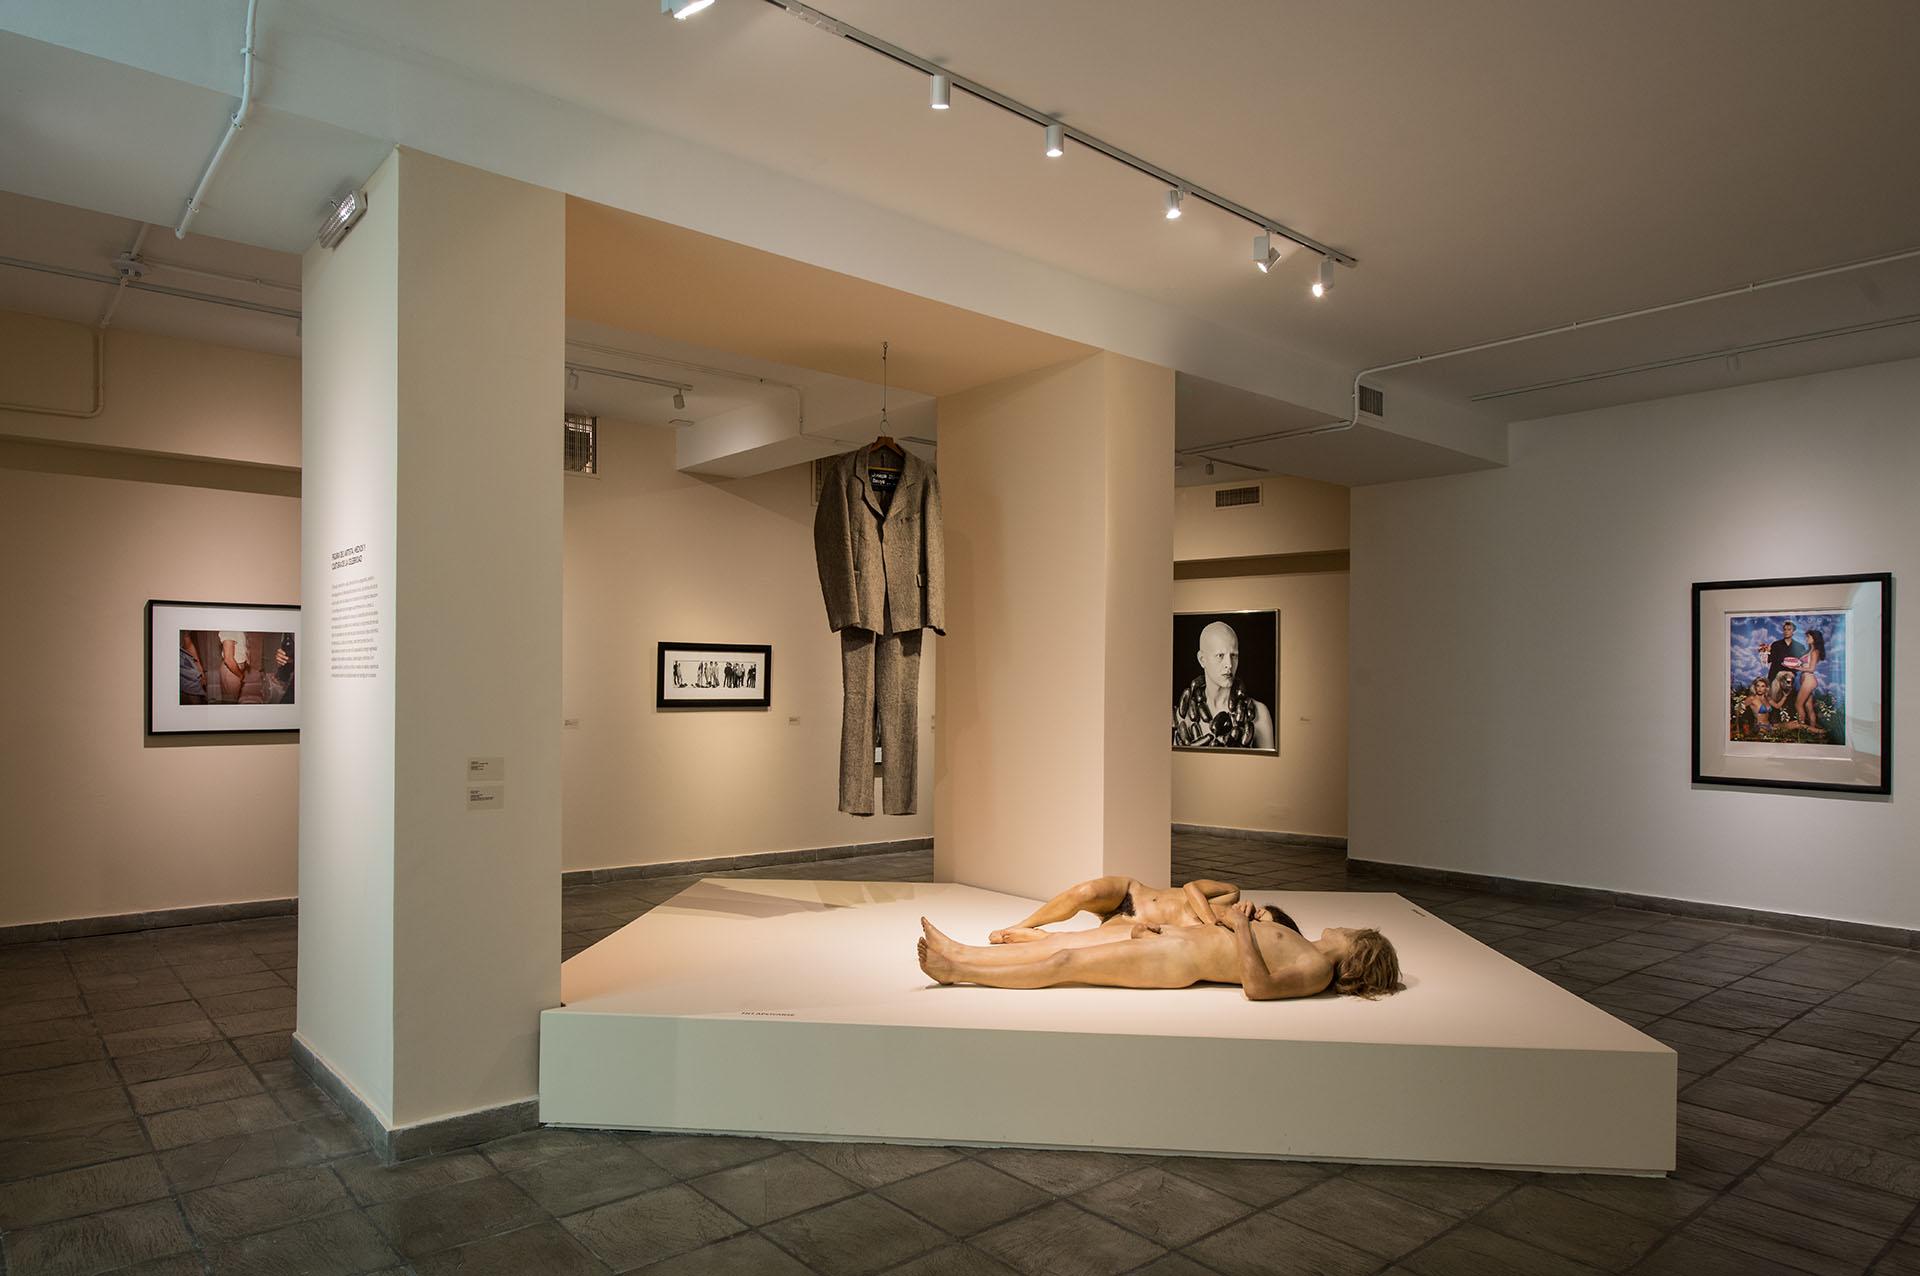 Sobre la tarima, los cuerpos de John De Andrea.El traje de fieltro es de Joseph Beuys. La fotografía que se ve sobre la pared derecha es de Jeff Koons.La foto del fondo a la derecha es Marcos López. Detrás de las columnas a la izquierda, Cindy Sherman